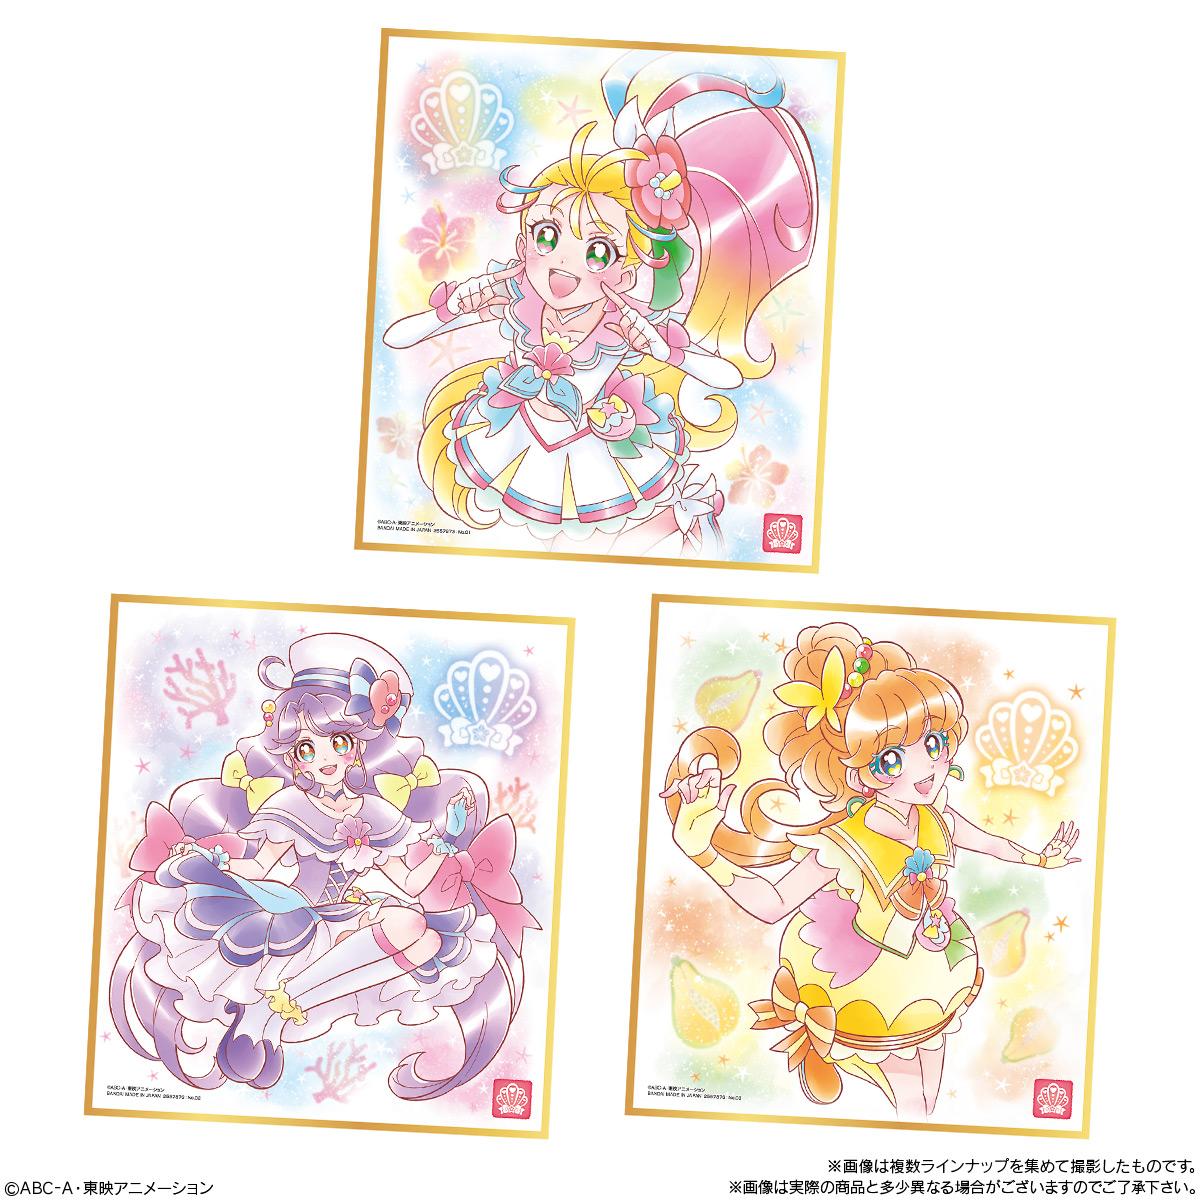 【食玩】プリキュア『プリキュア色紙ART4』10個入りBOX-002